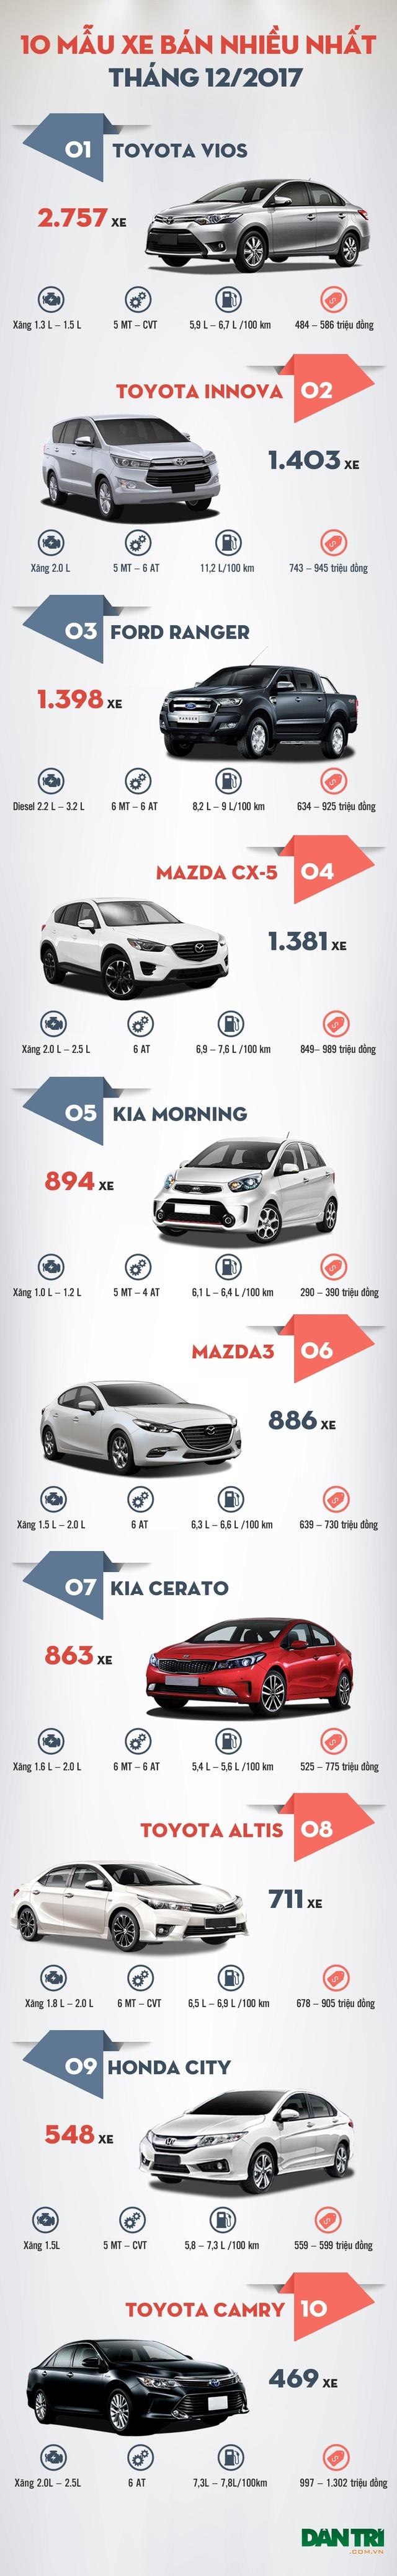 Top 10 mẫu xe bán nhiều nhất tháng 12/2017: Gọi tên Toyota Vios - 2